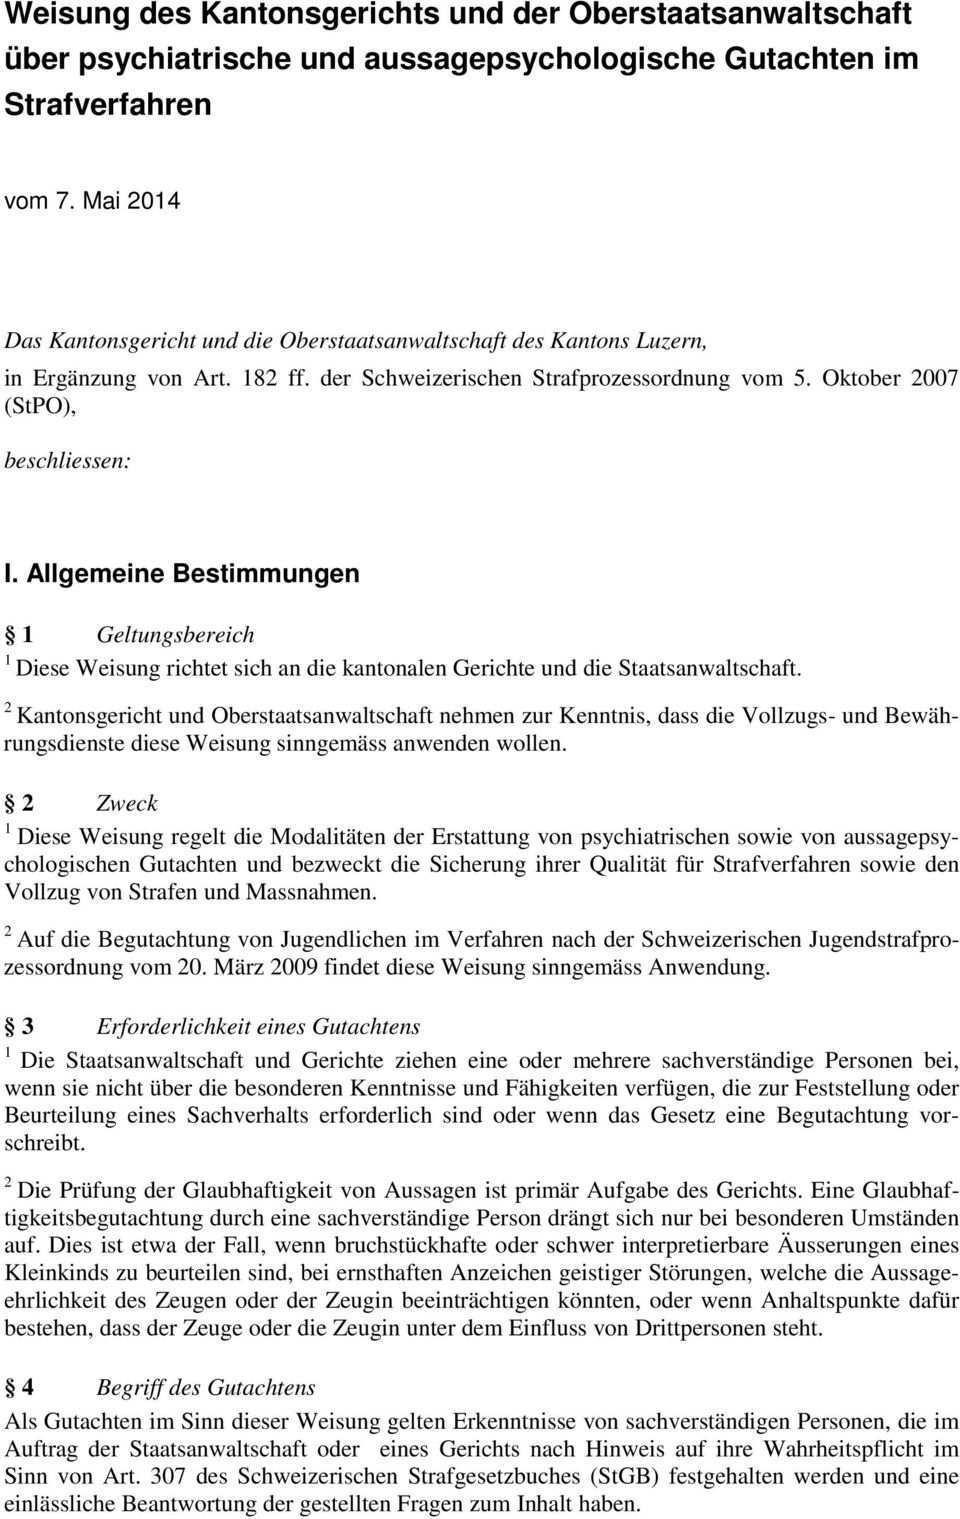 Weisung Des Kantonsgerichts Und Der Oberstaatsanwaltschaft Uber Psychiatrische Und Aussagepsychologische Gutachten Im Strafverfahren Pdf Kostenfreier Download